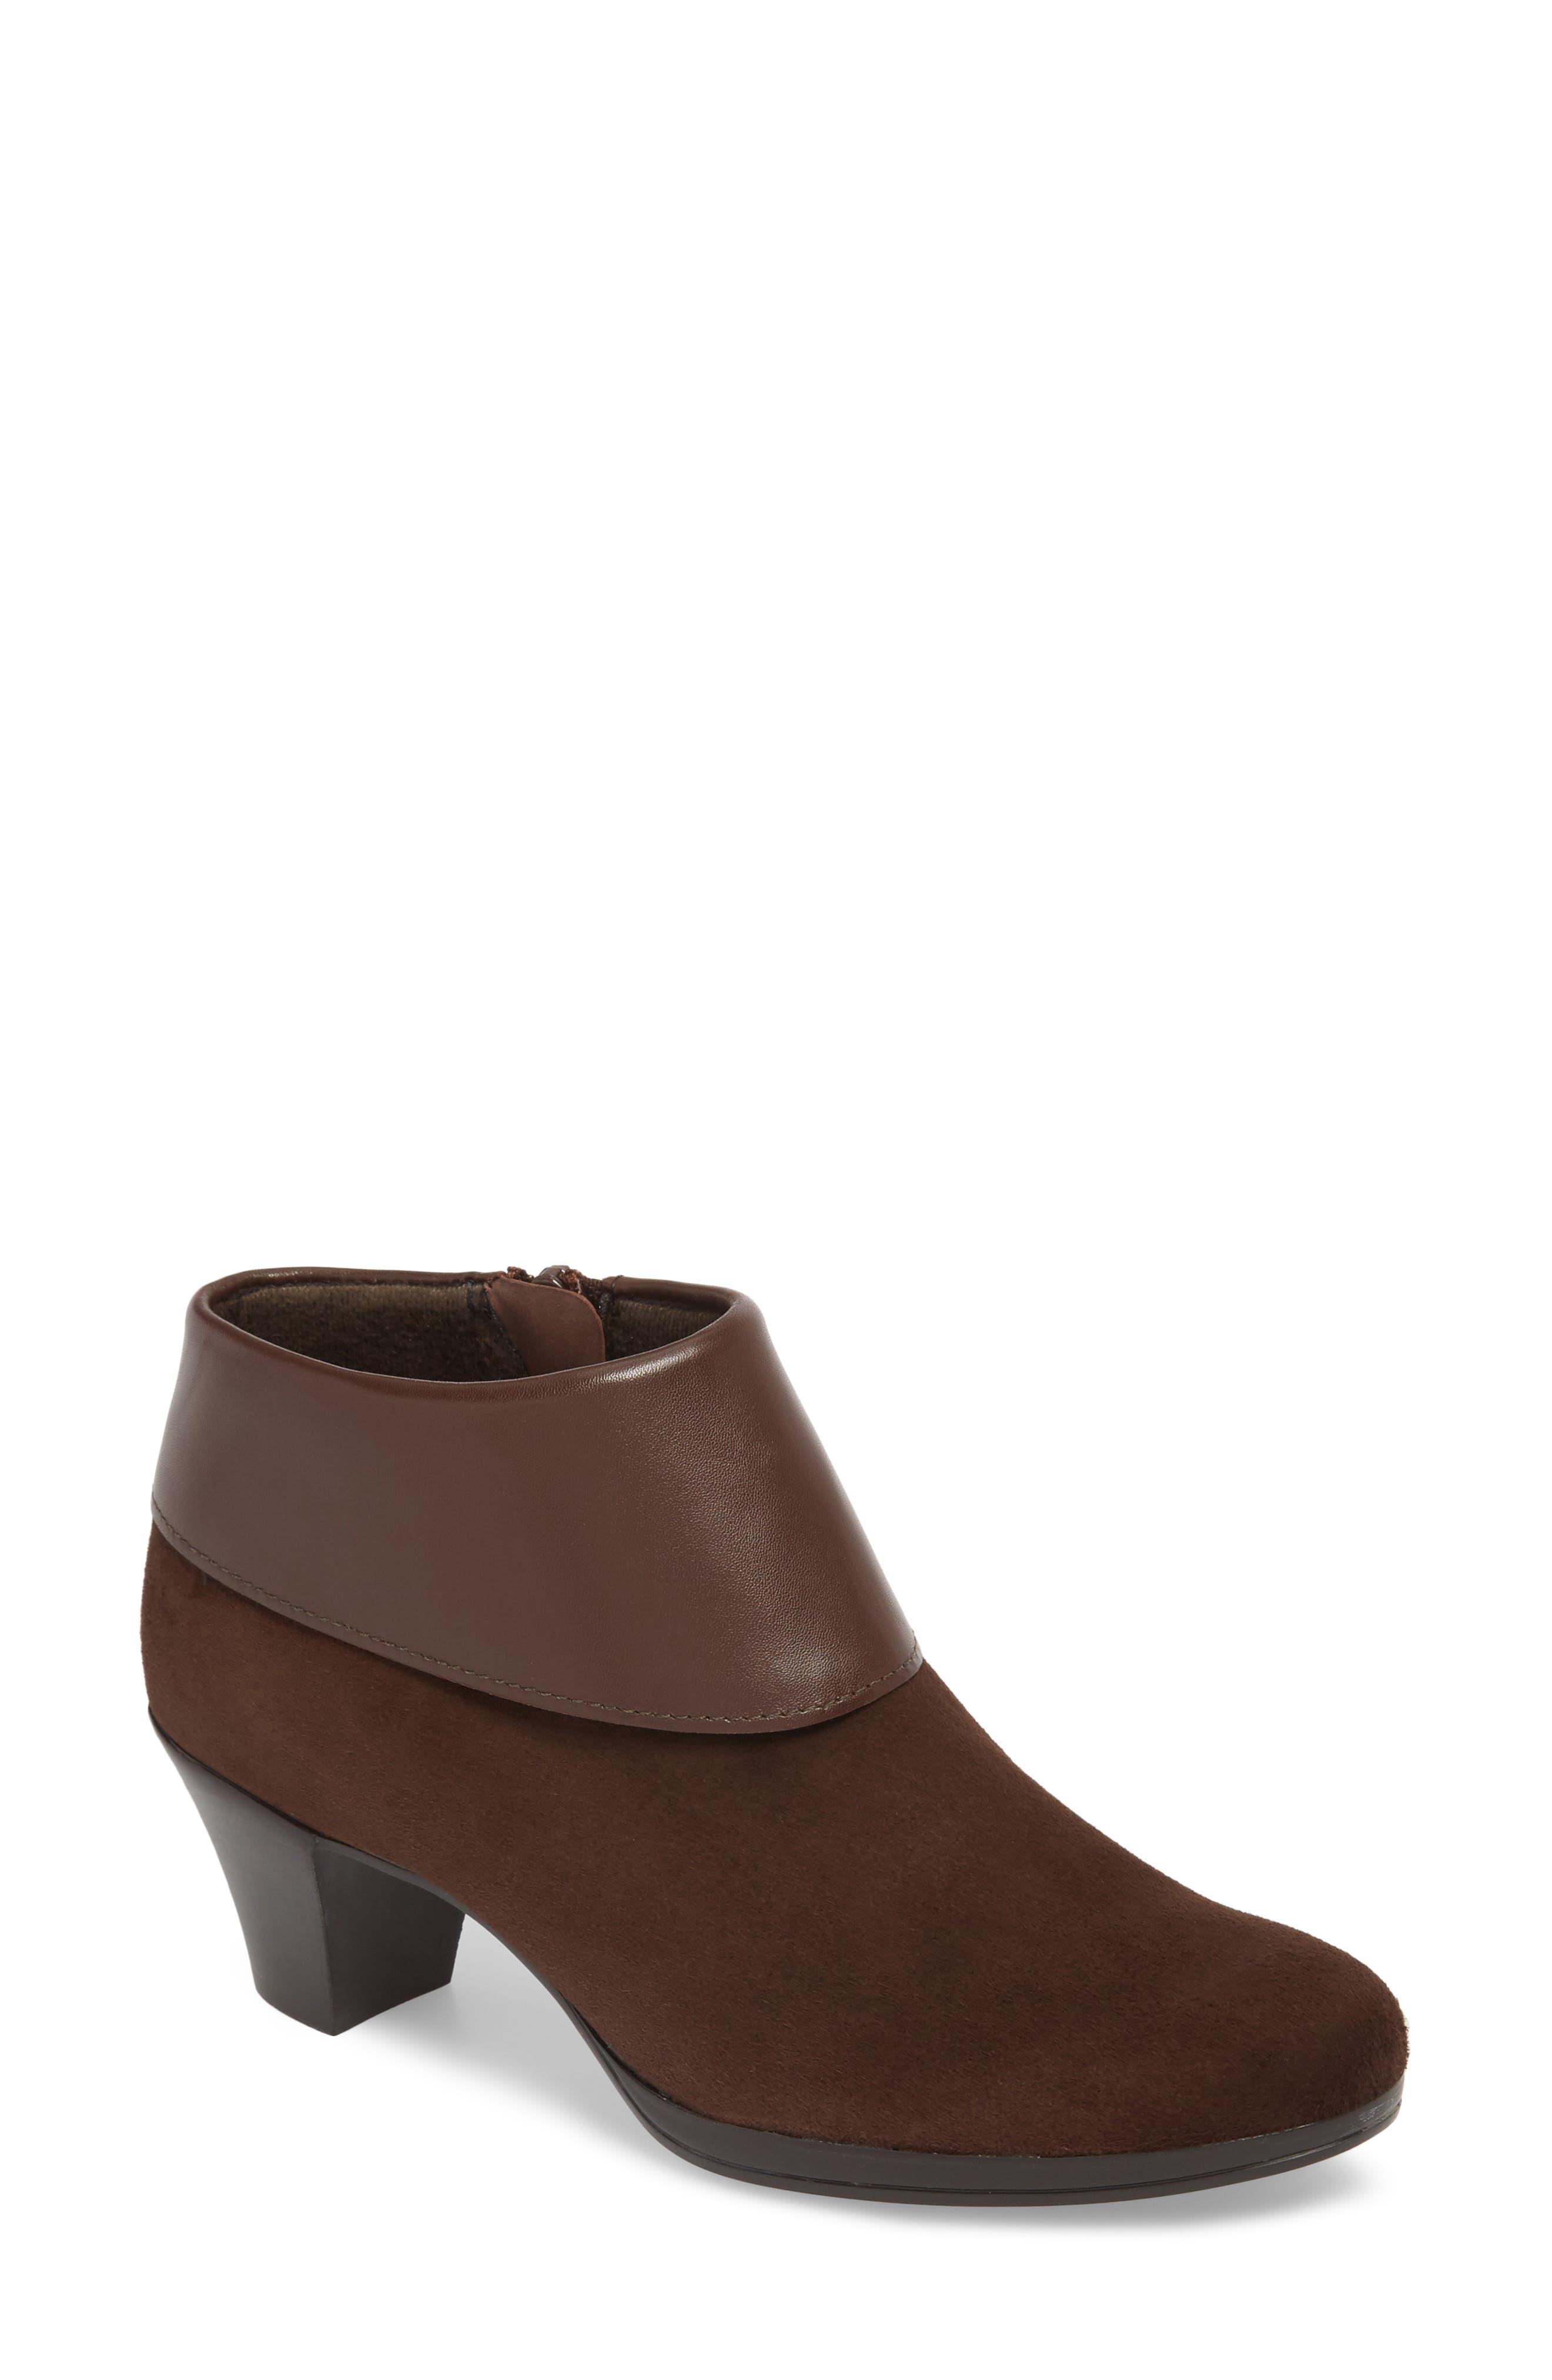 Munro Gracee Boot